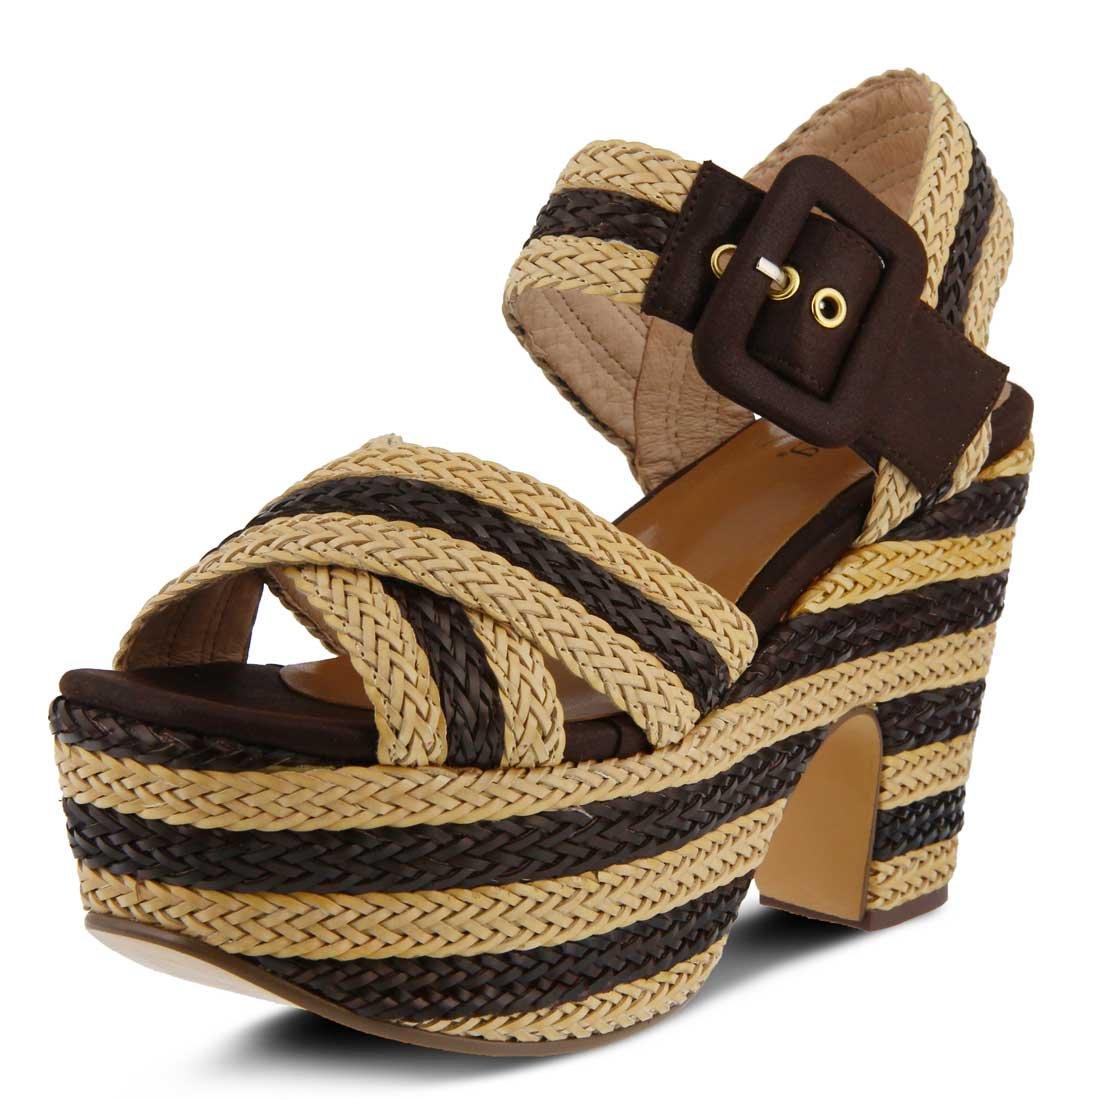 Azura Womens Amare Sandal B01MSNYBUB 38 M EU (US 7.5 - 8 US)|Brown